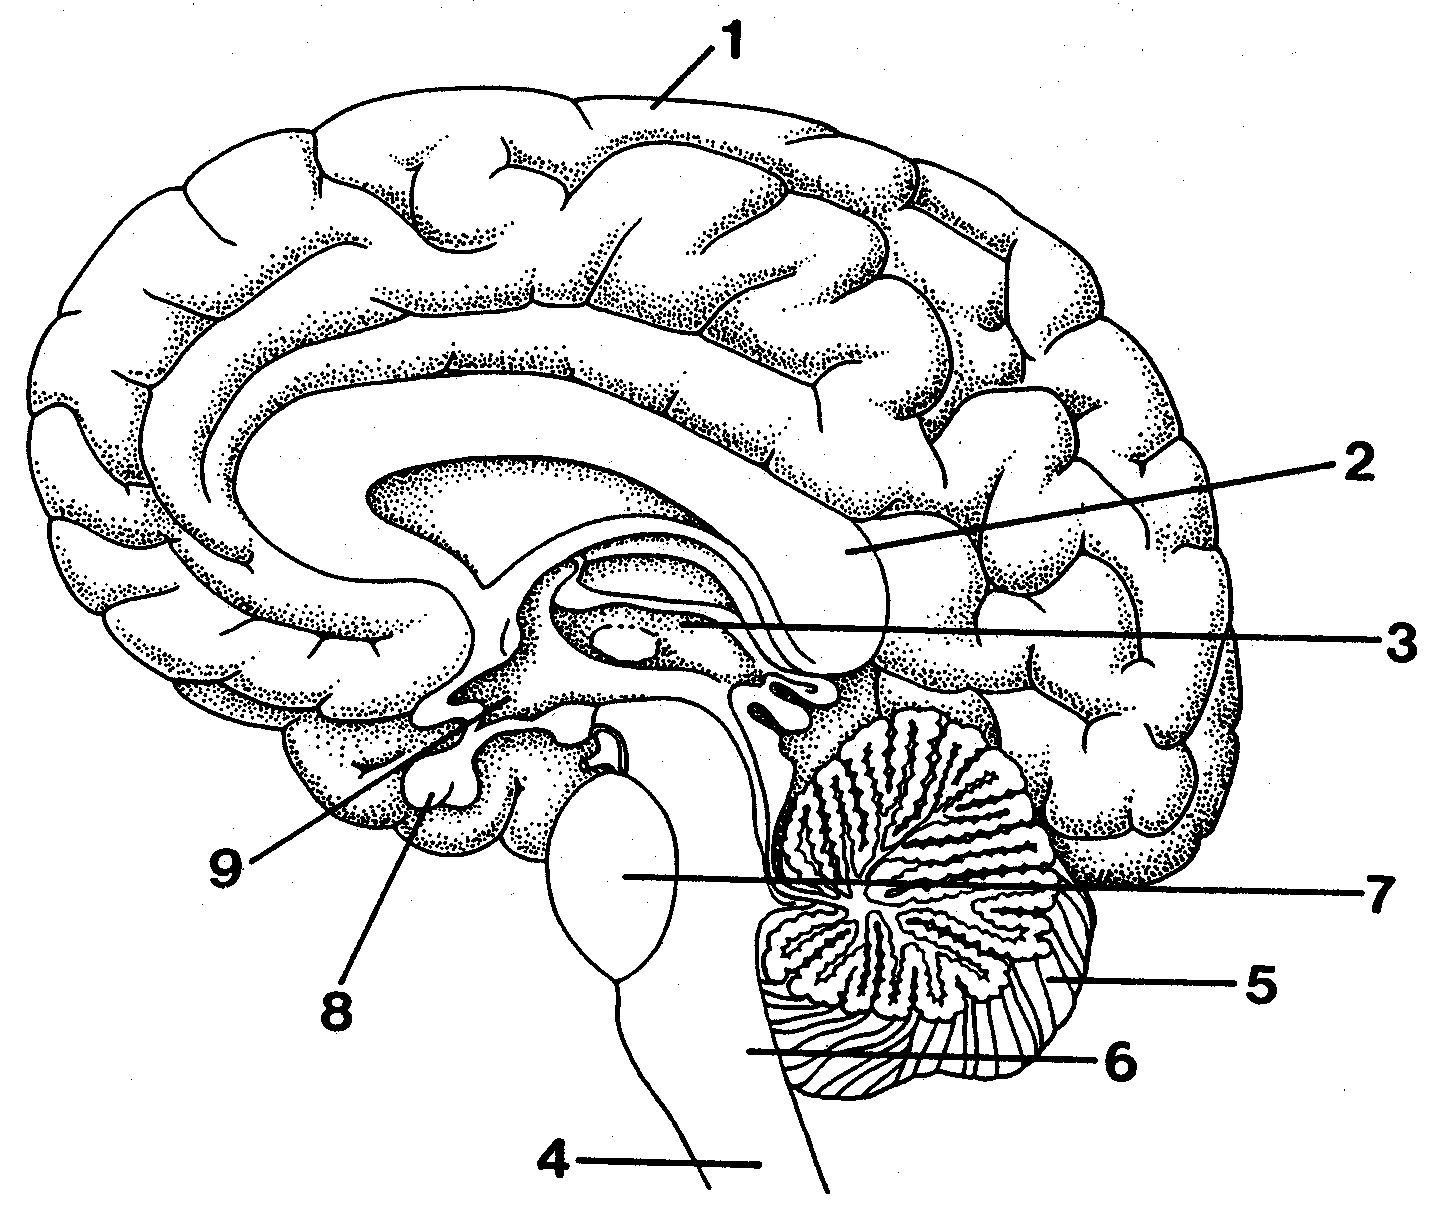 Схема головной мозг